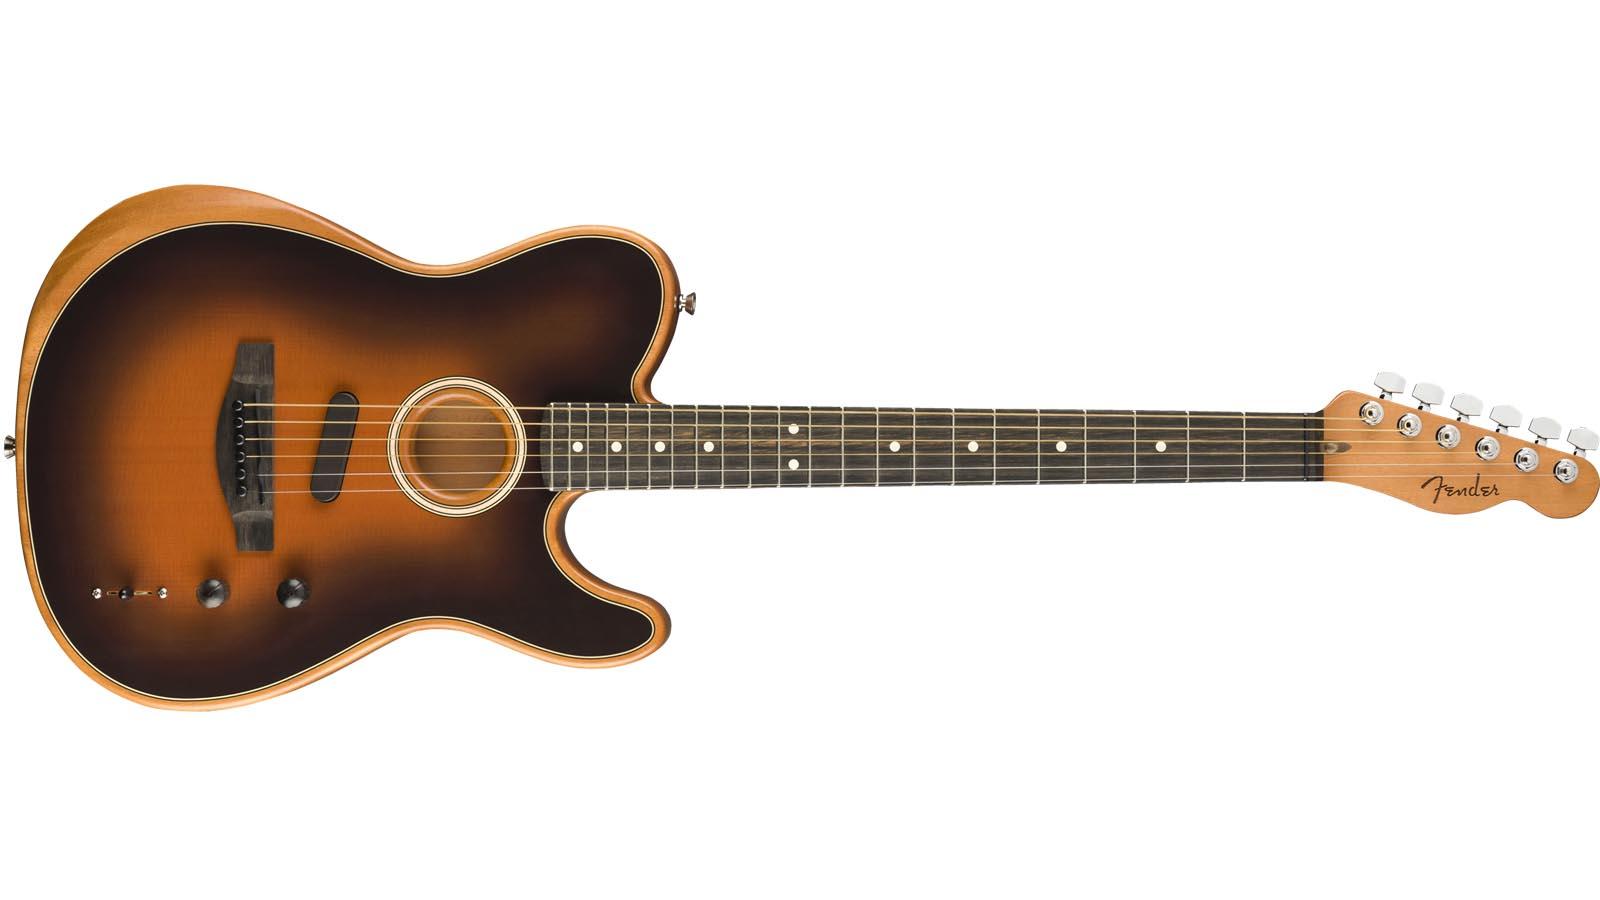 Fender Acoustasonic Telecaster SB Sunburst